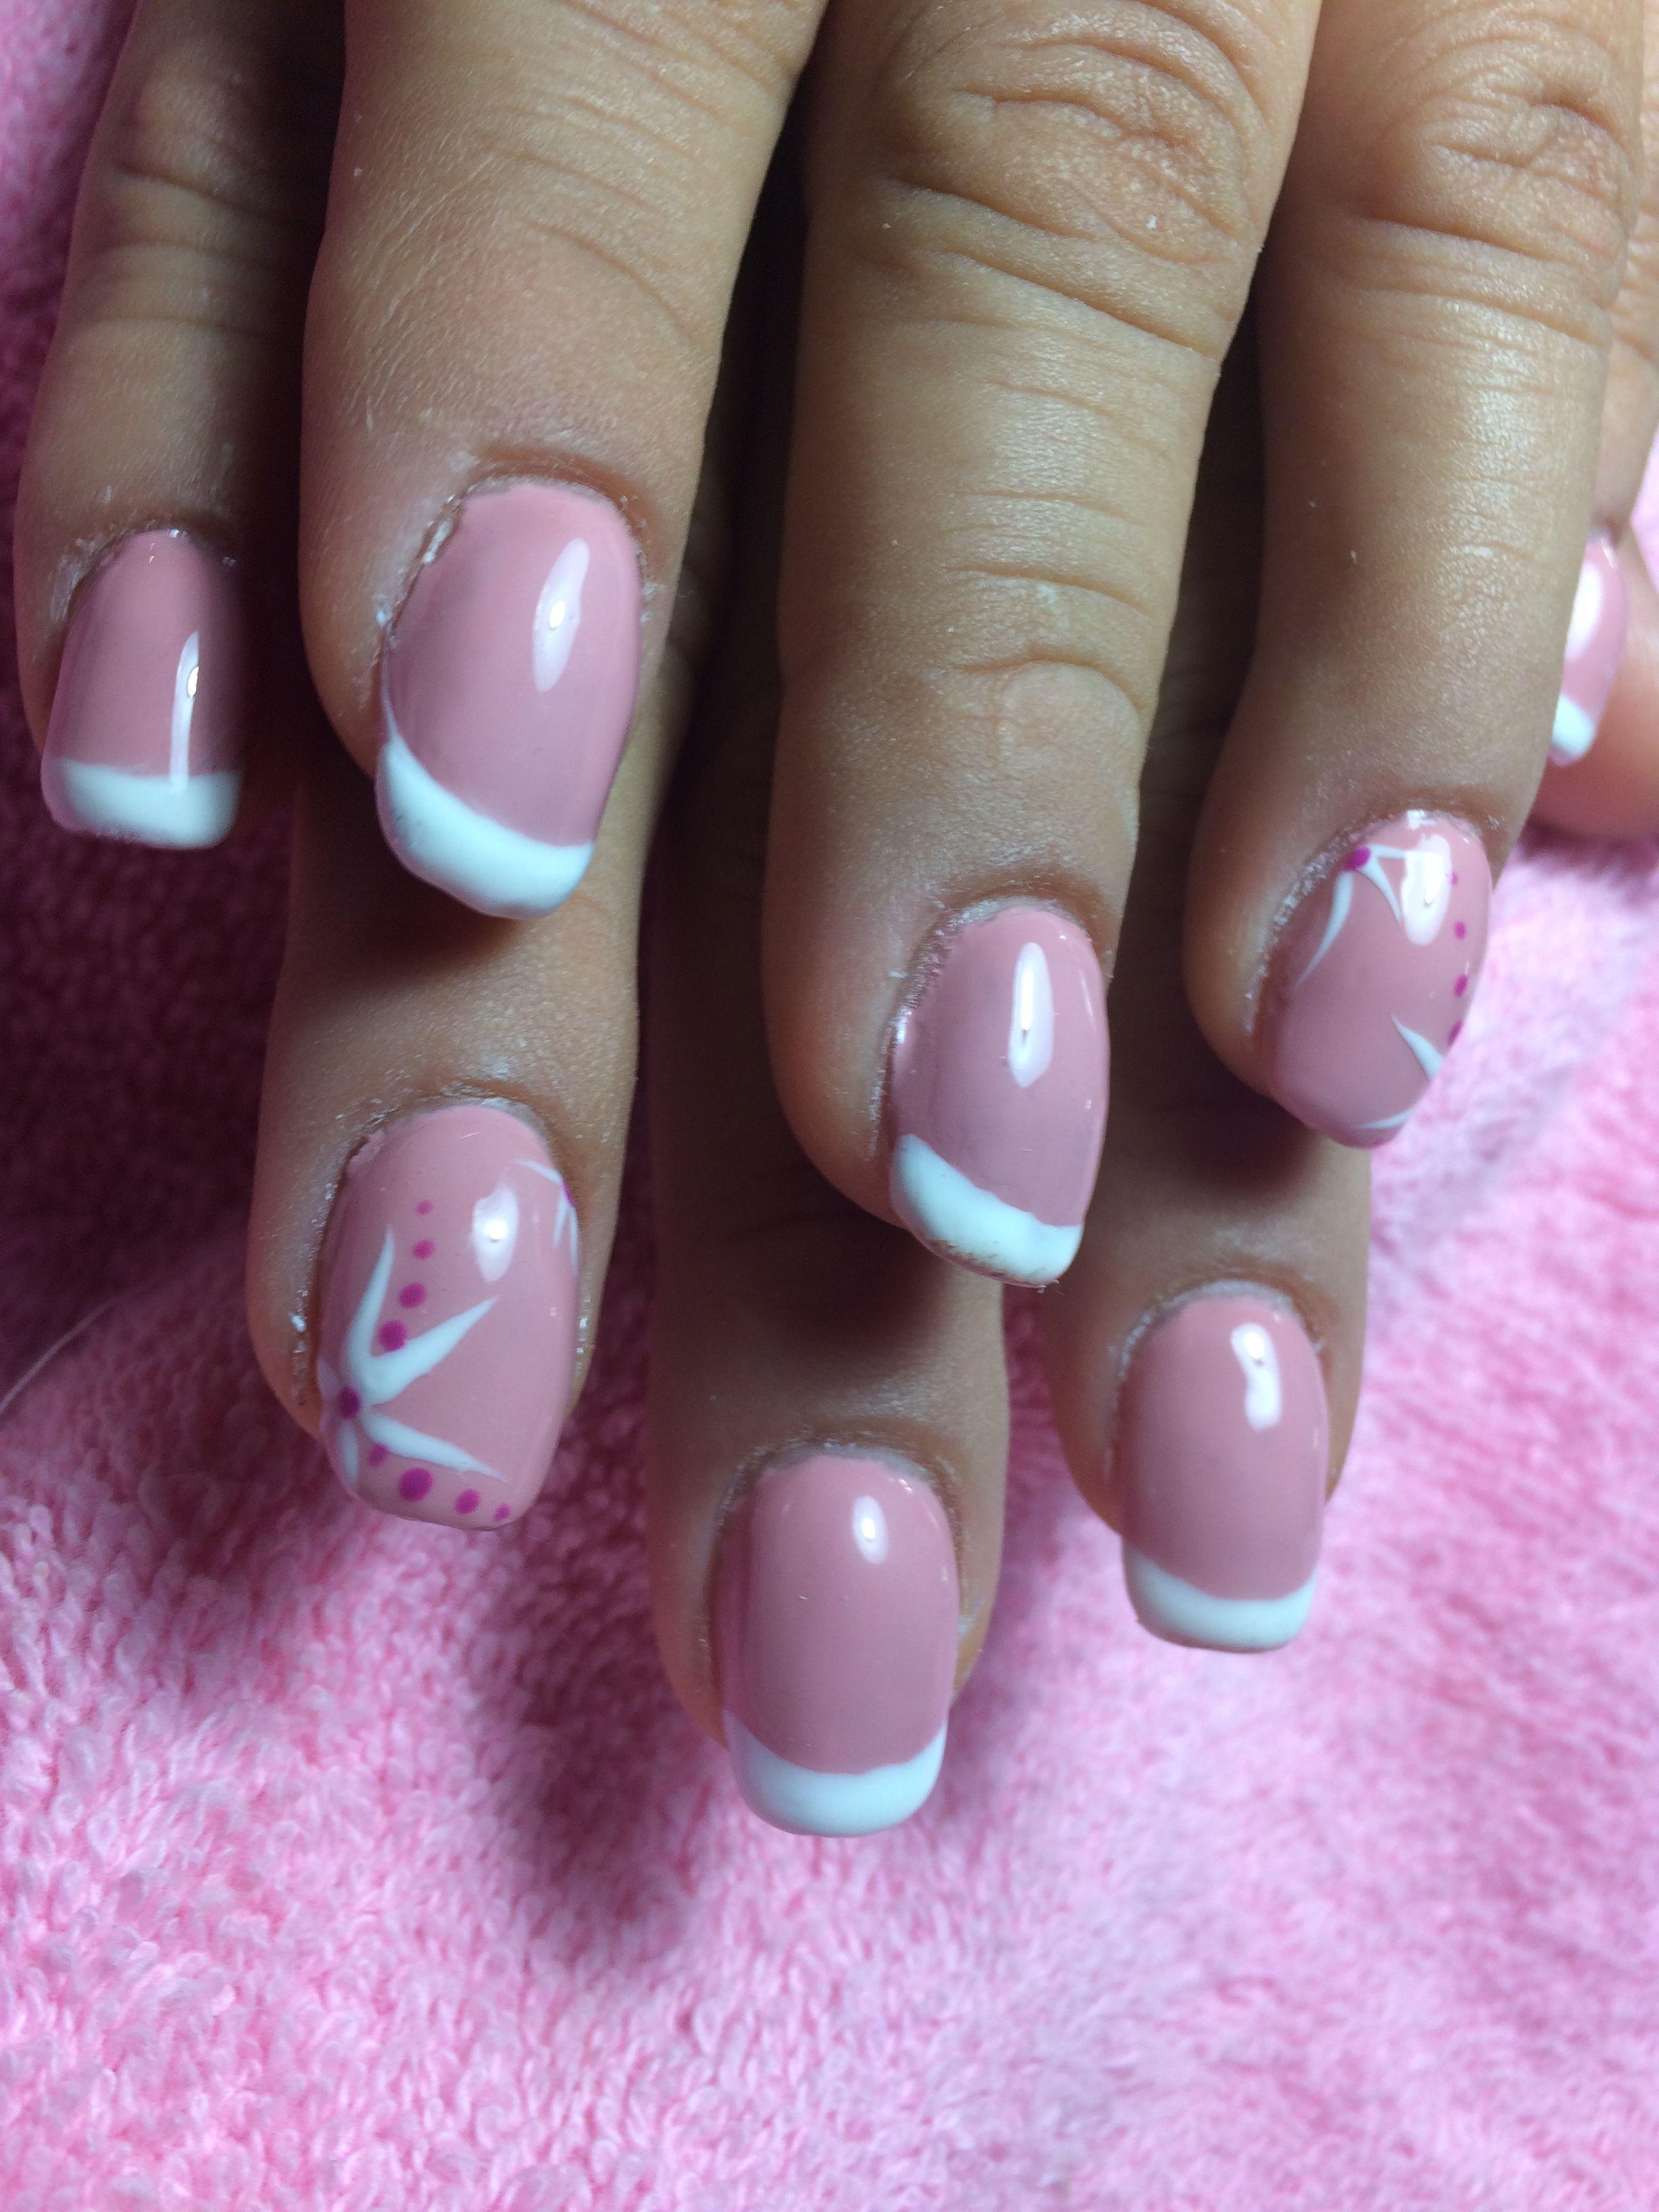 Dare wear nails | Nail art designs, Nails, Nail art